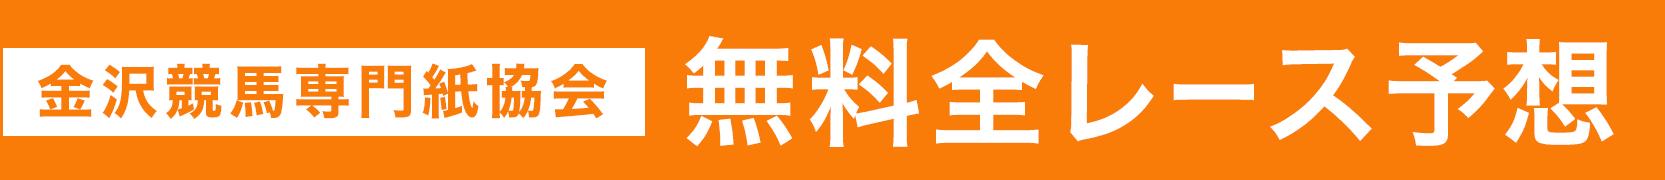 金沢競馬専門紙協会 無料全レース予想